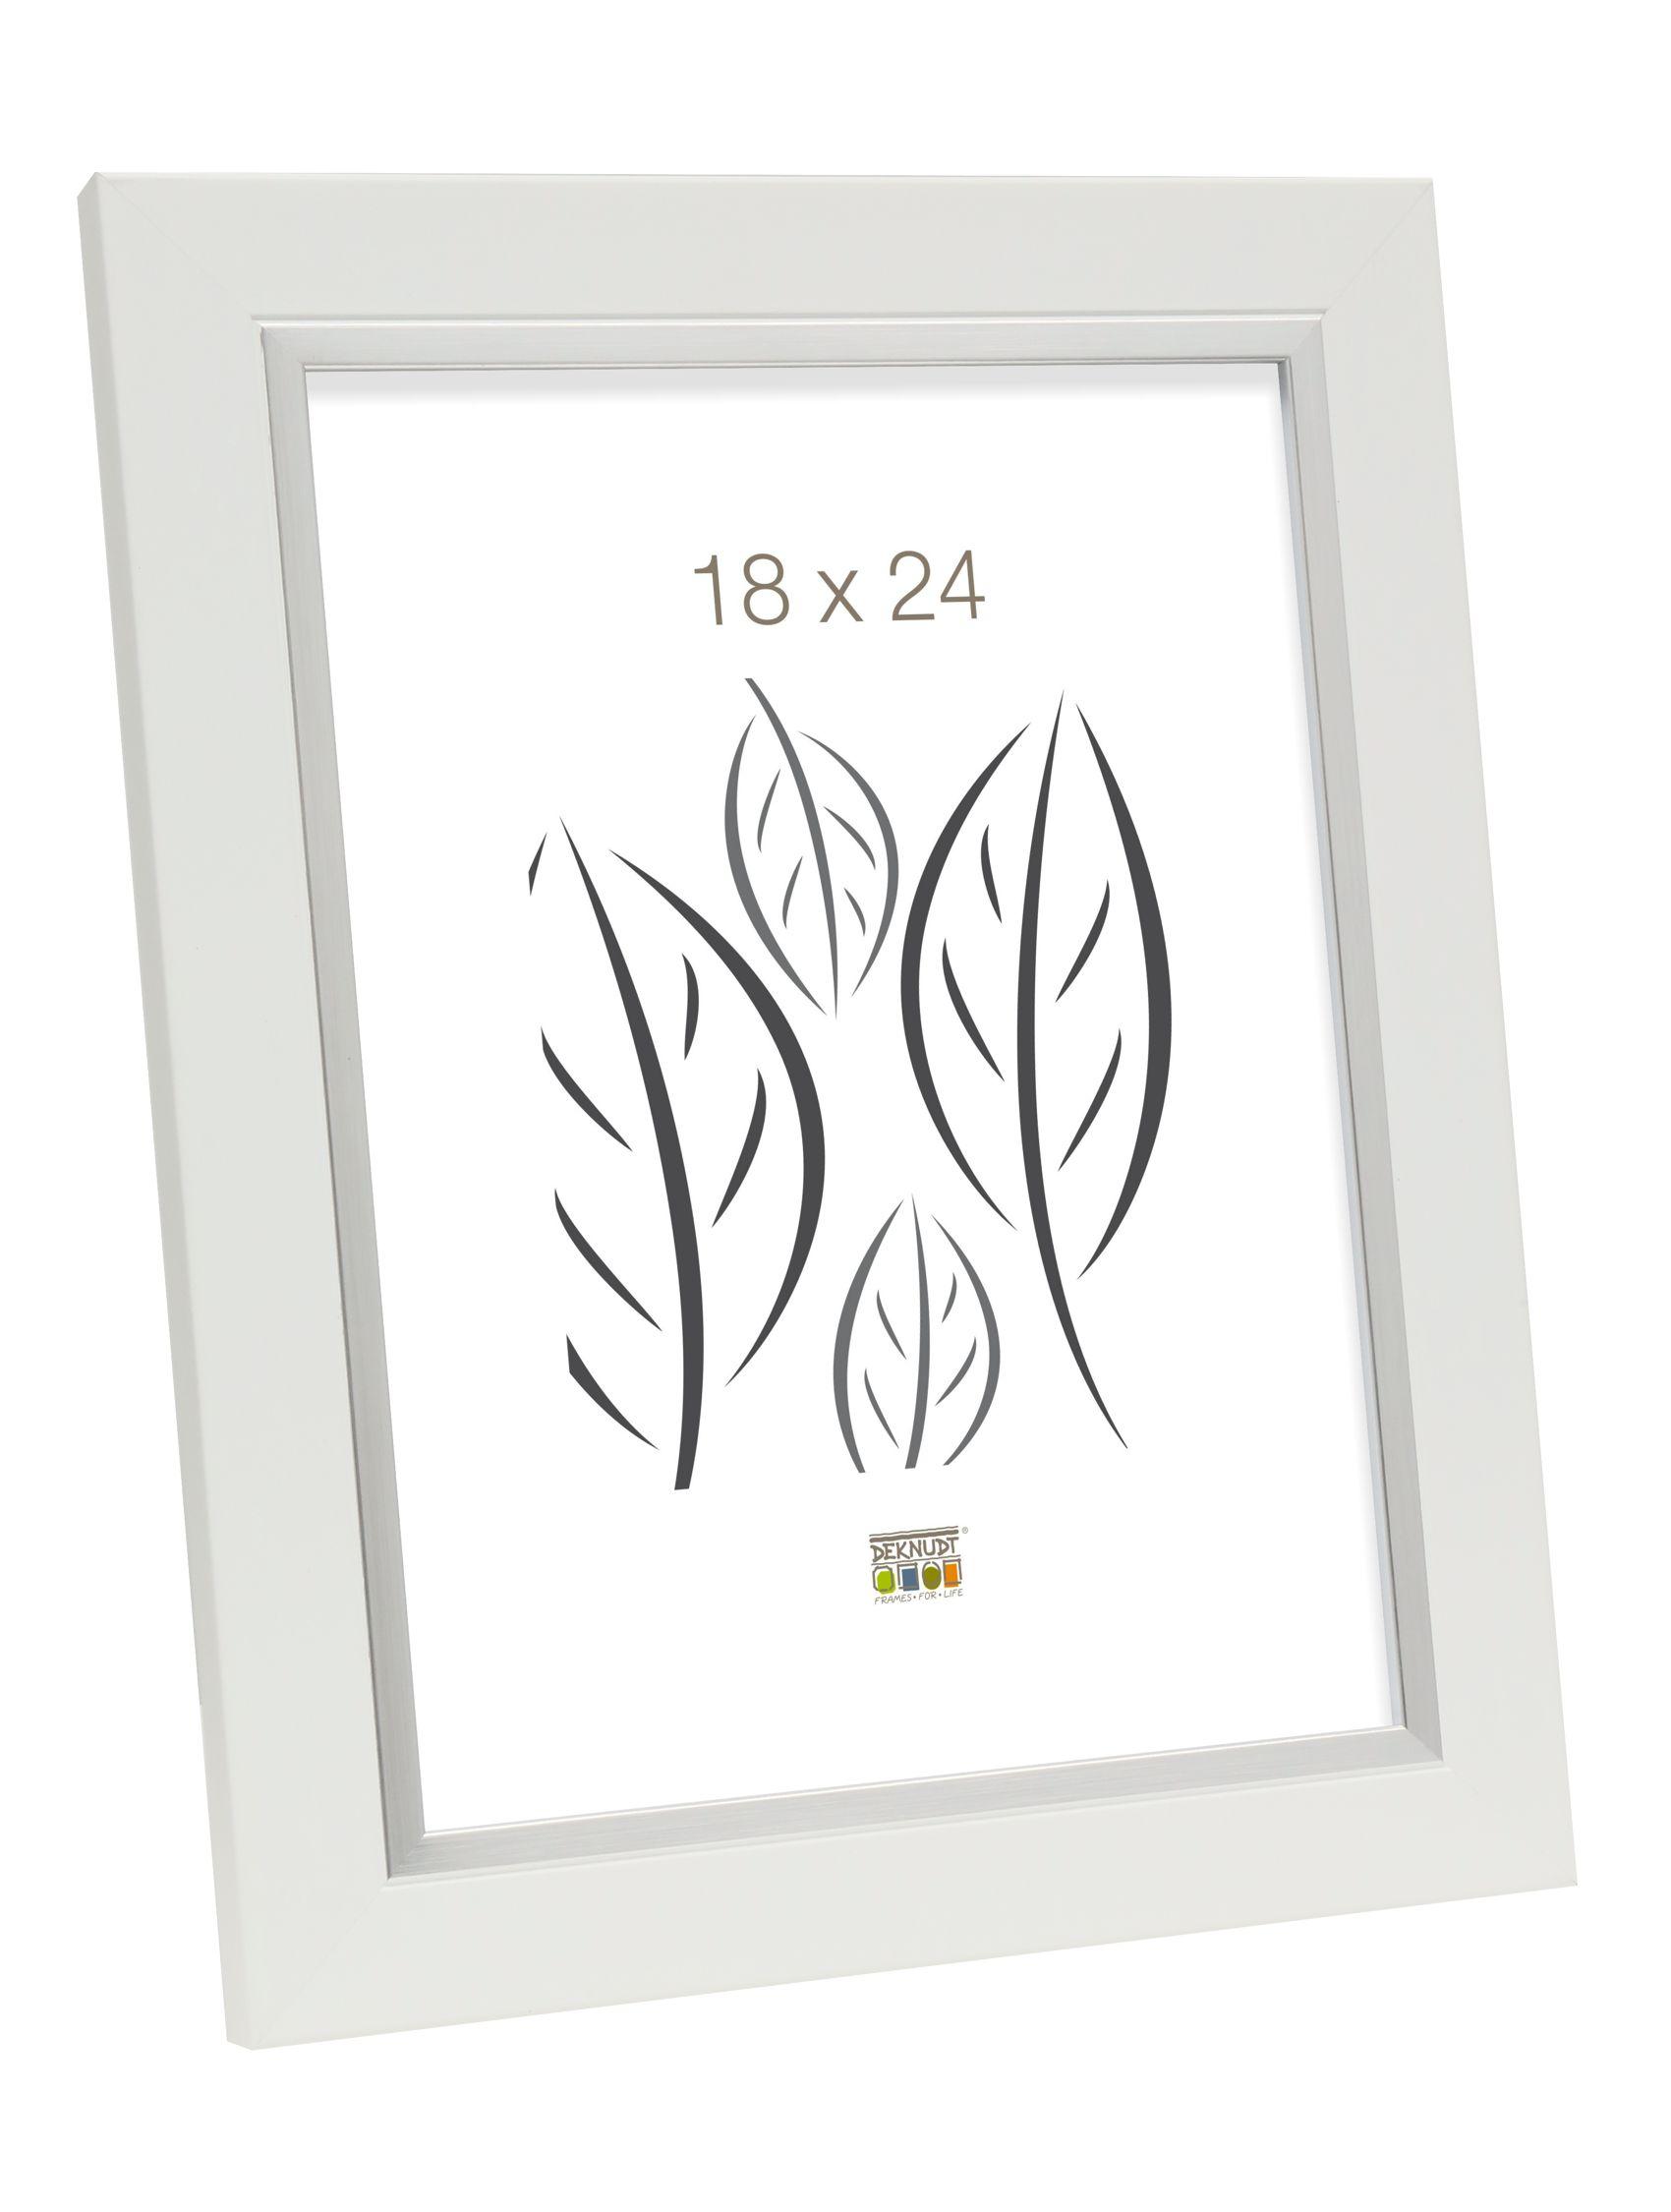 fotolijst wit met zilverbies, kunststof S45VK1